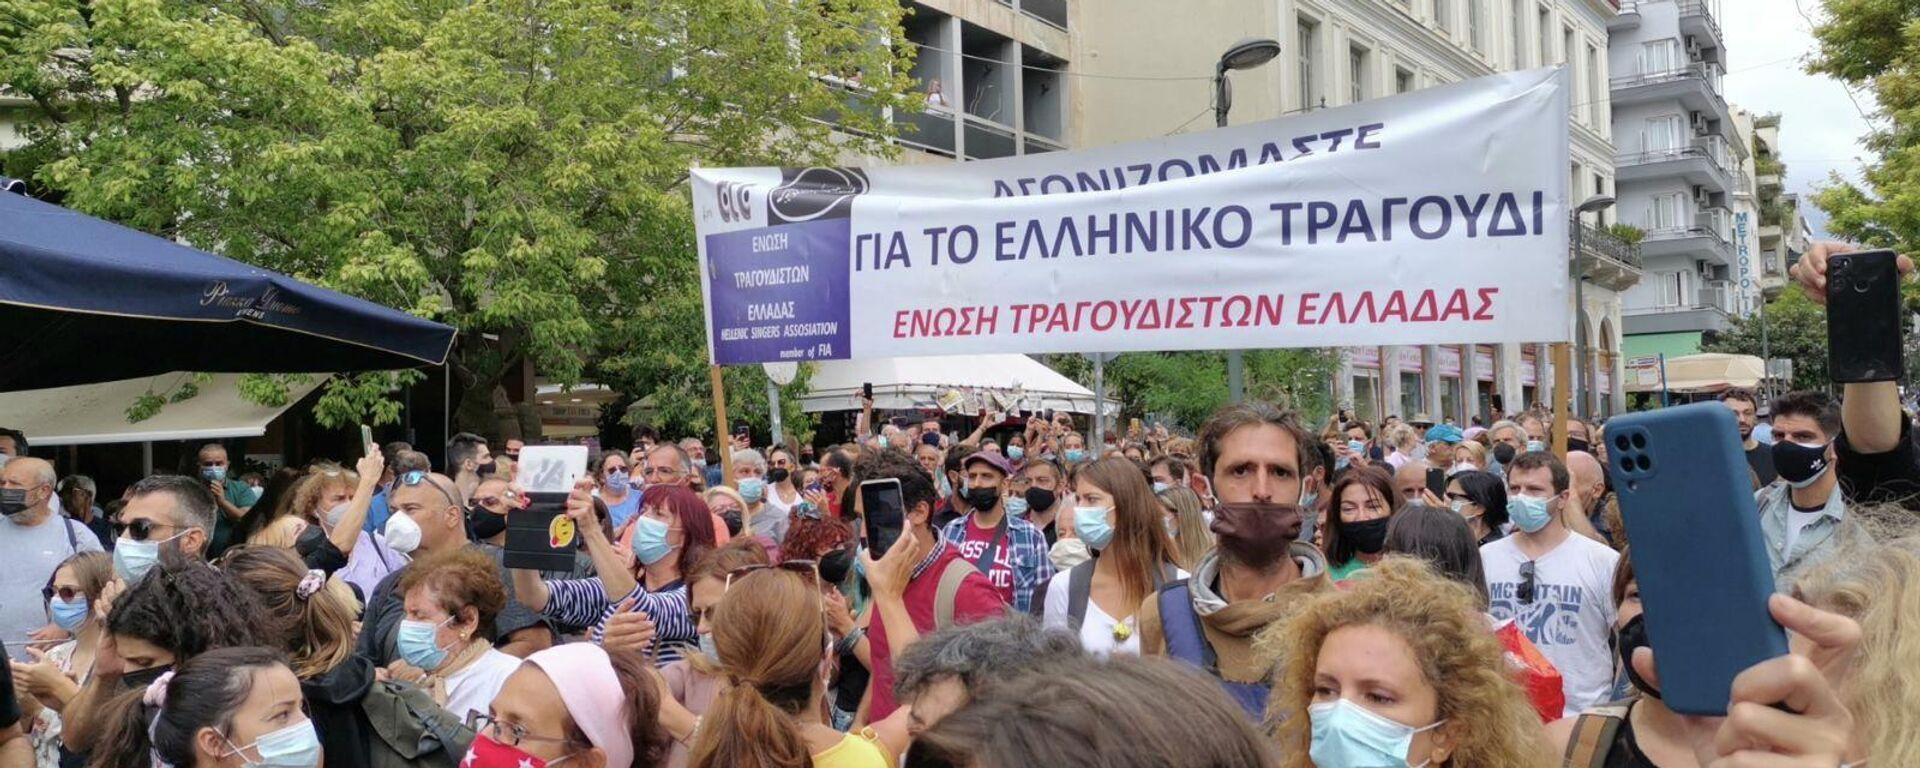 Πανελλαδικό Συλλαλητήριο - Sputnik Ελλάδα, 1920, 08.09.2021